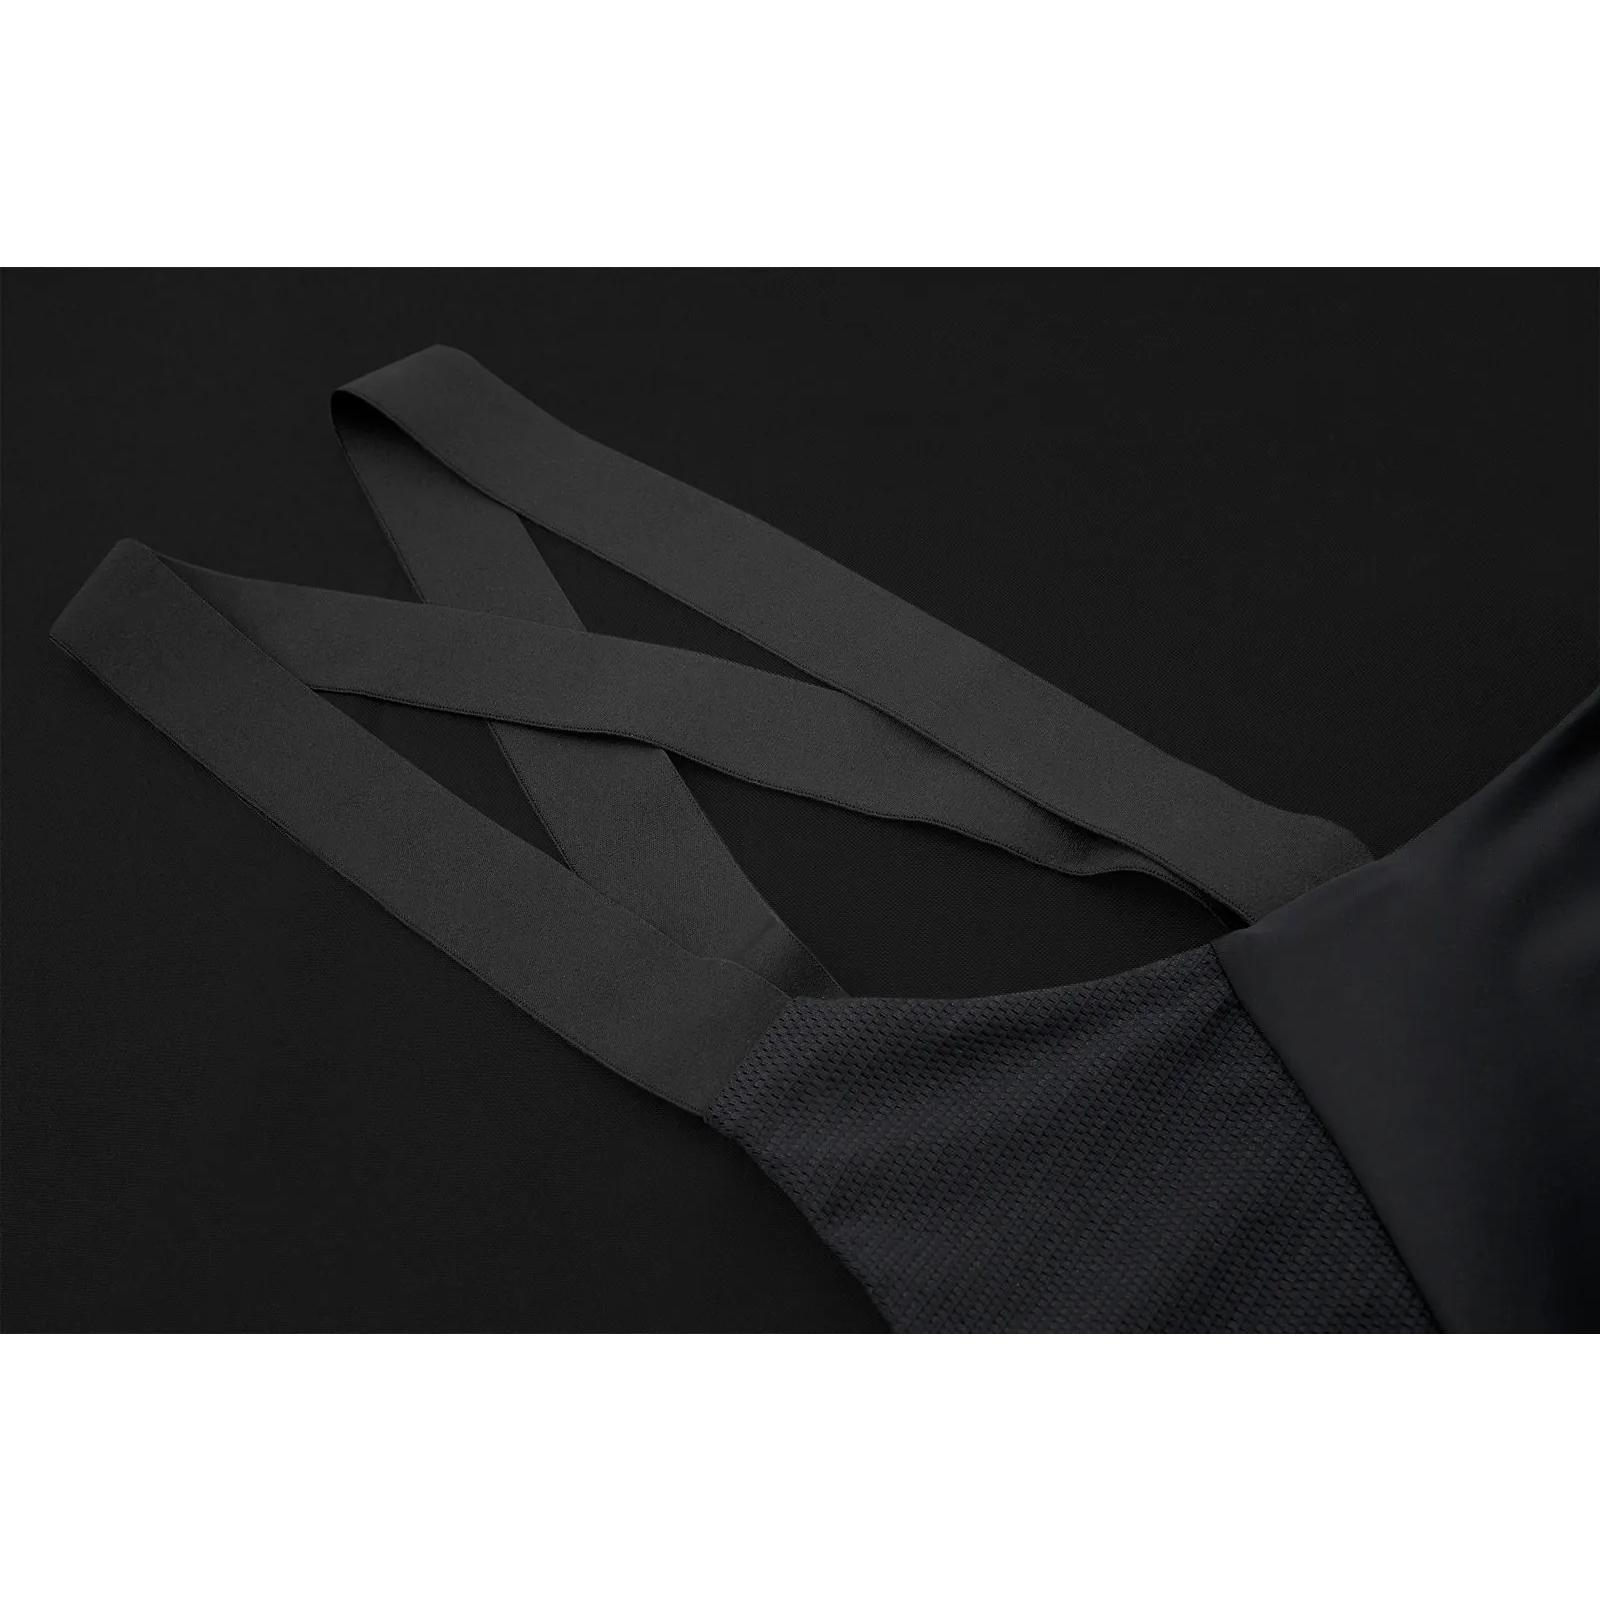 Imagen de 7mesh WK3 Culotte con tirantes para mujeres - Black